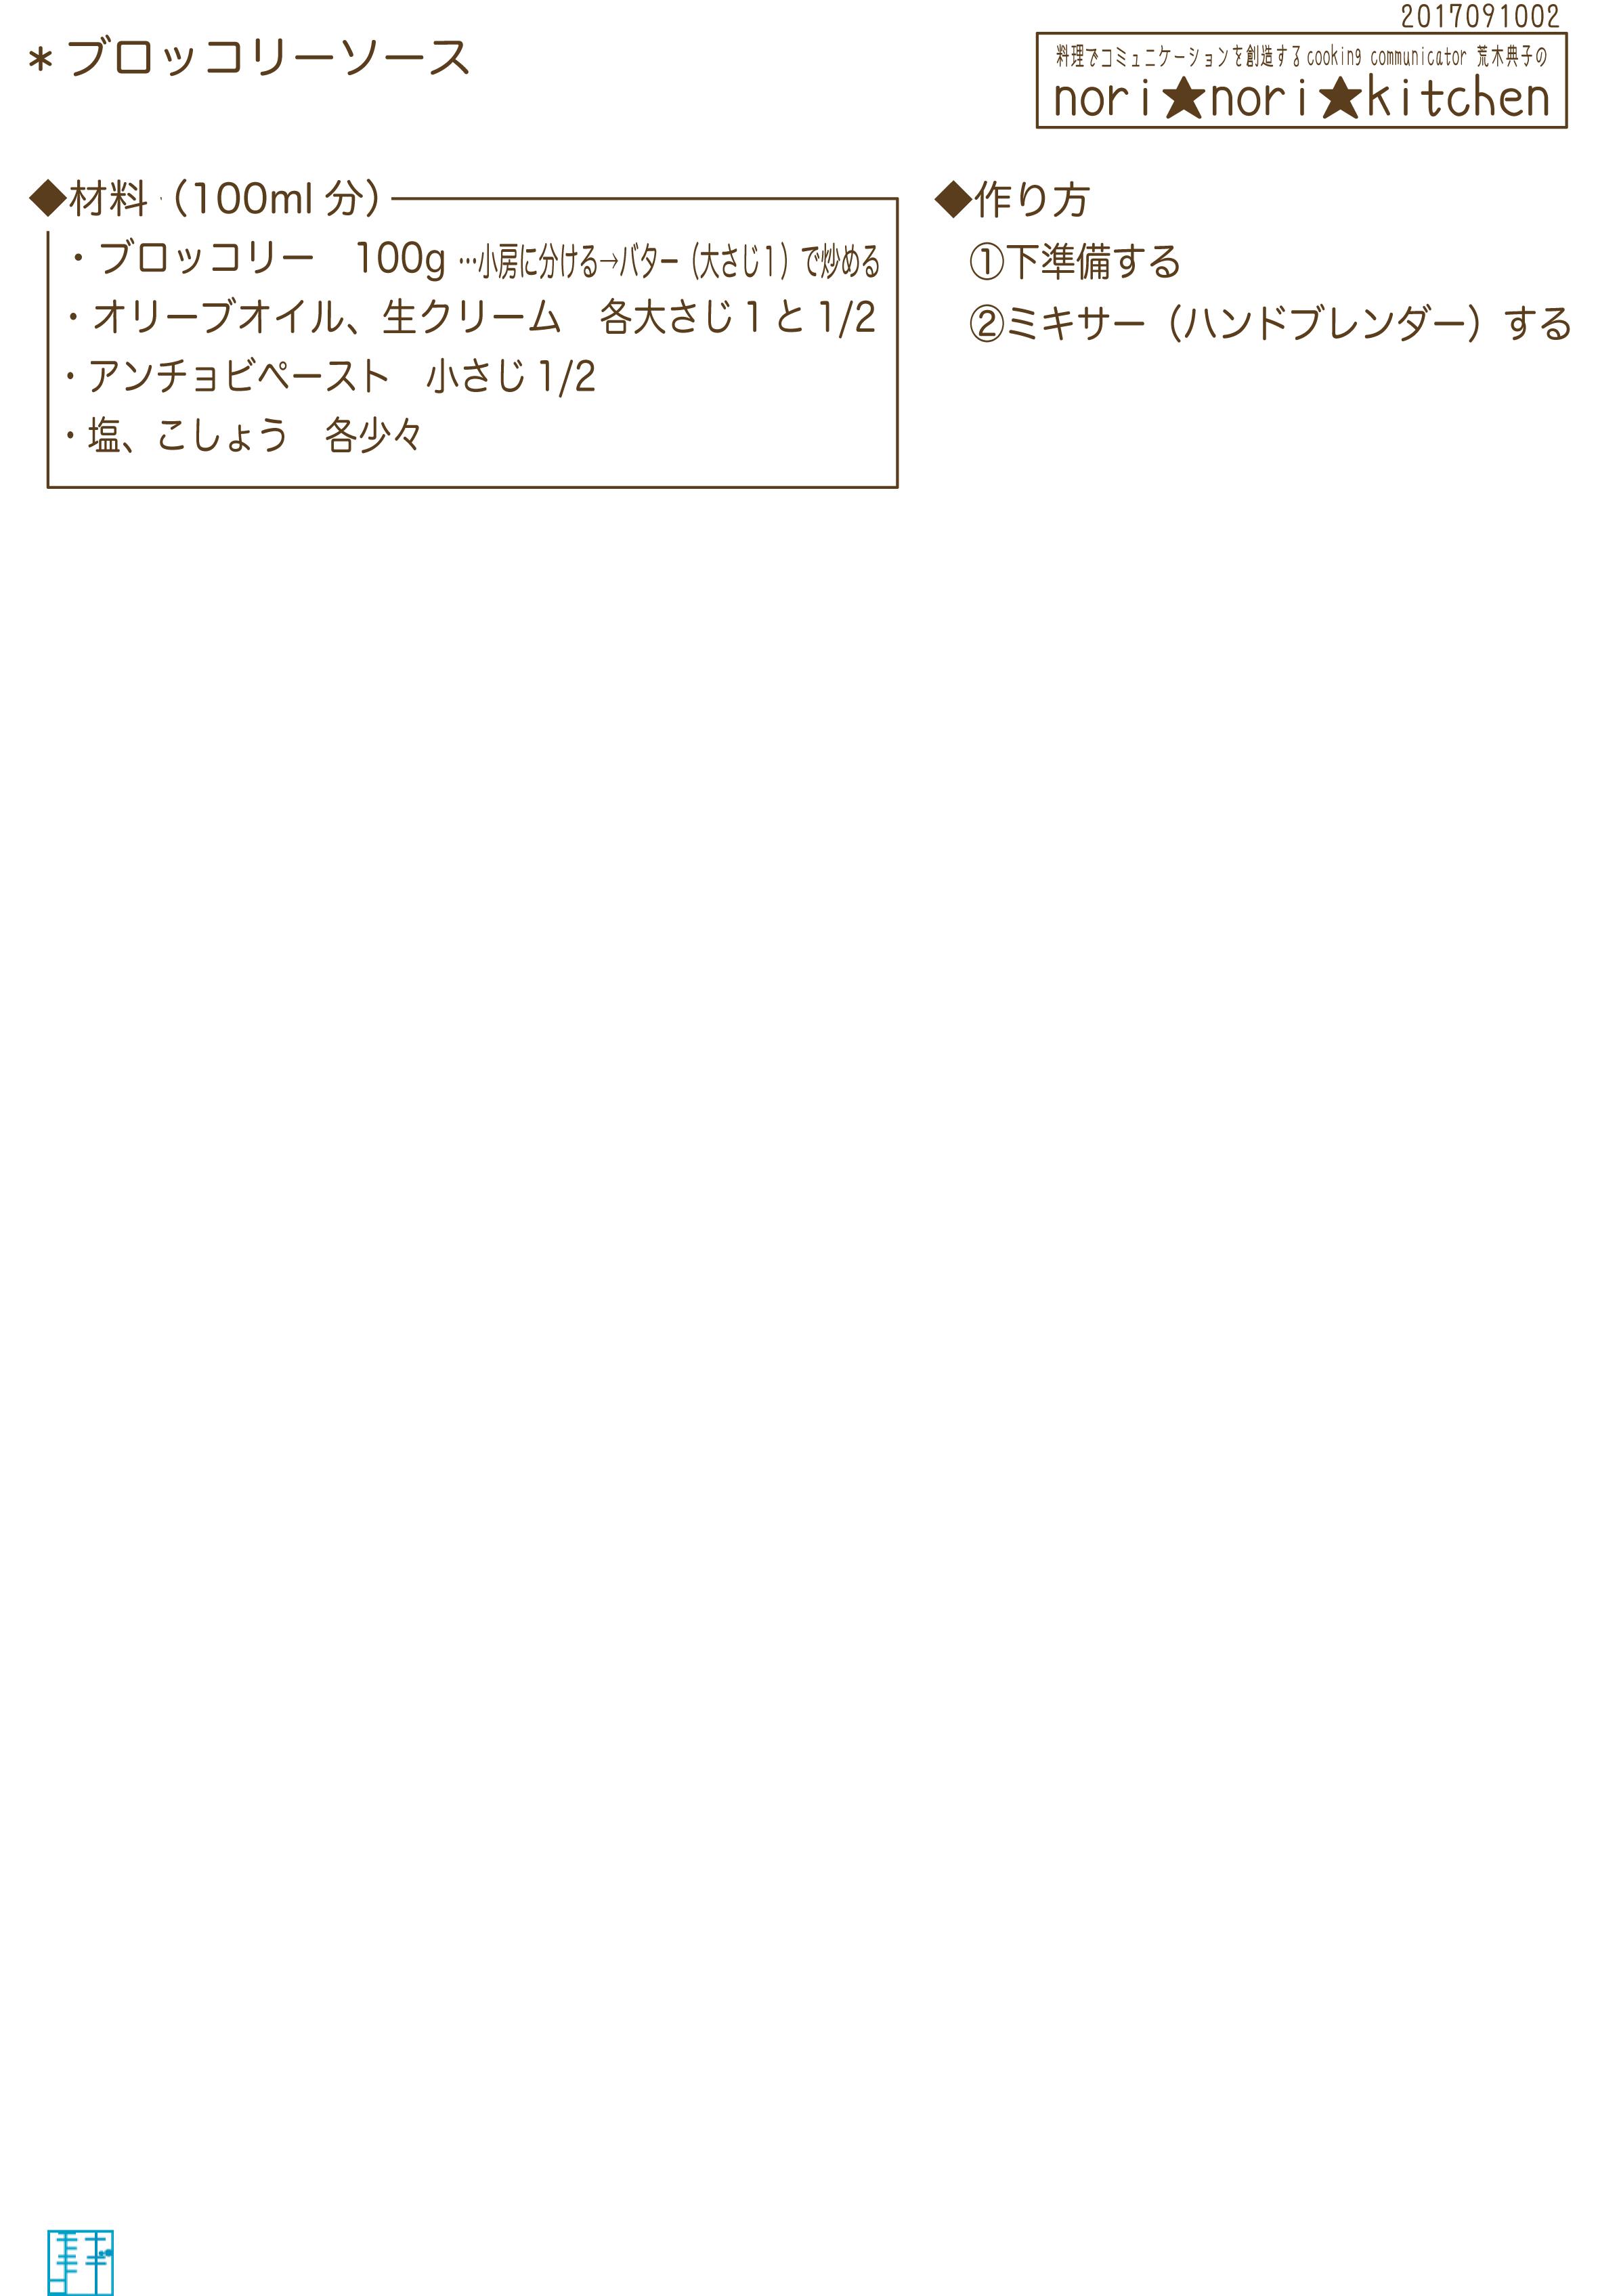 ブロッコリーソース***nori★nori★kitchen(ノリノリキッチン)荒木のりこ特製レシピ***_c0361660_14244336.png